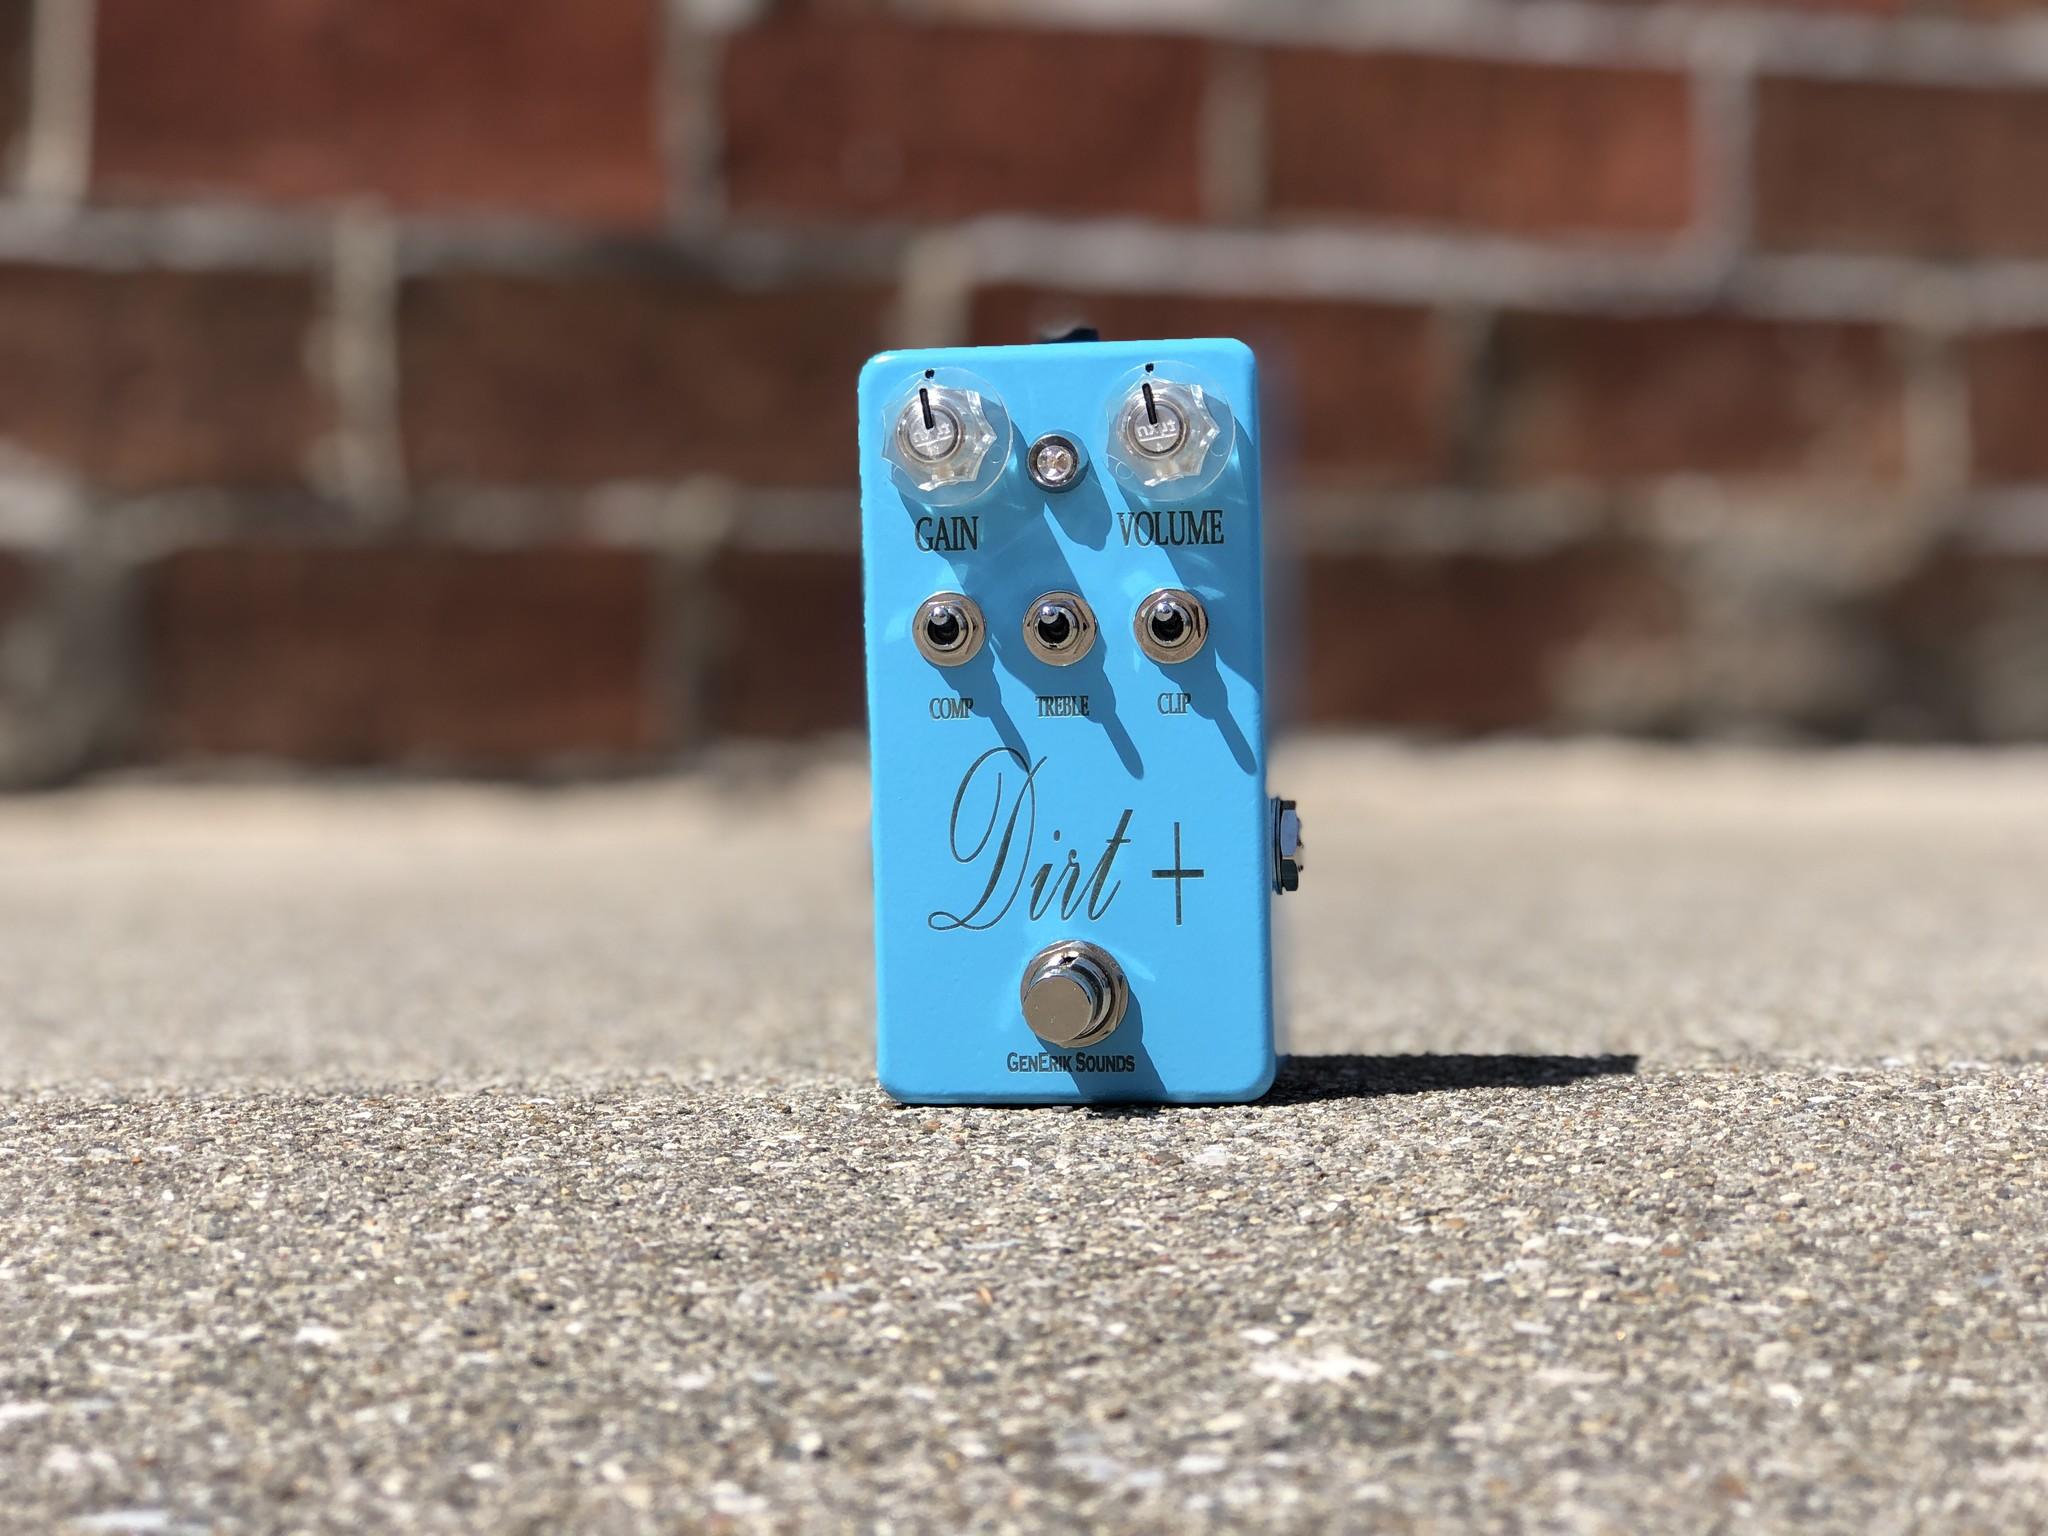 Dirt + Plus - GenErik Sounds Distortion Pedal-1